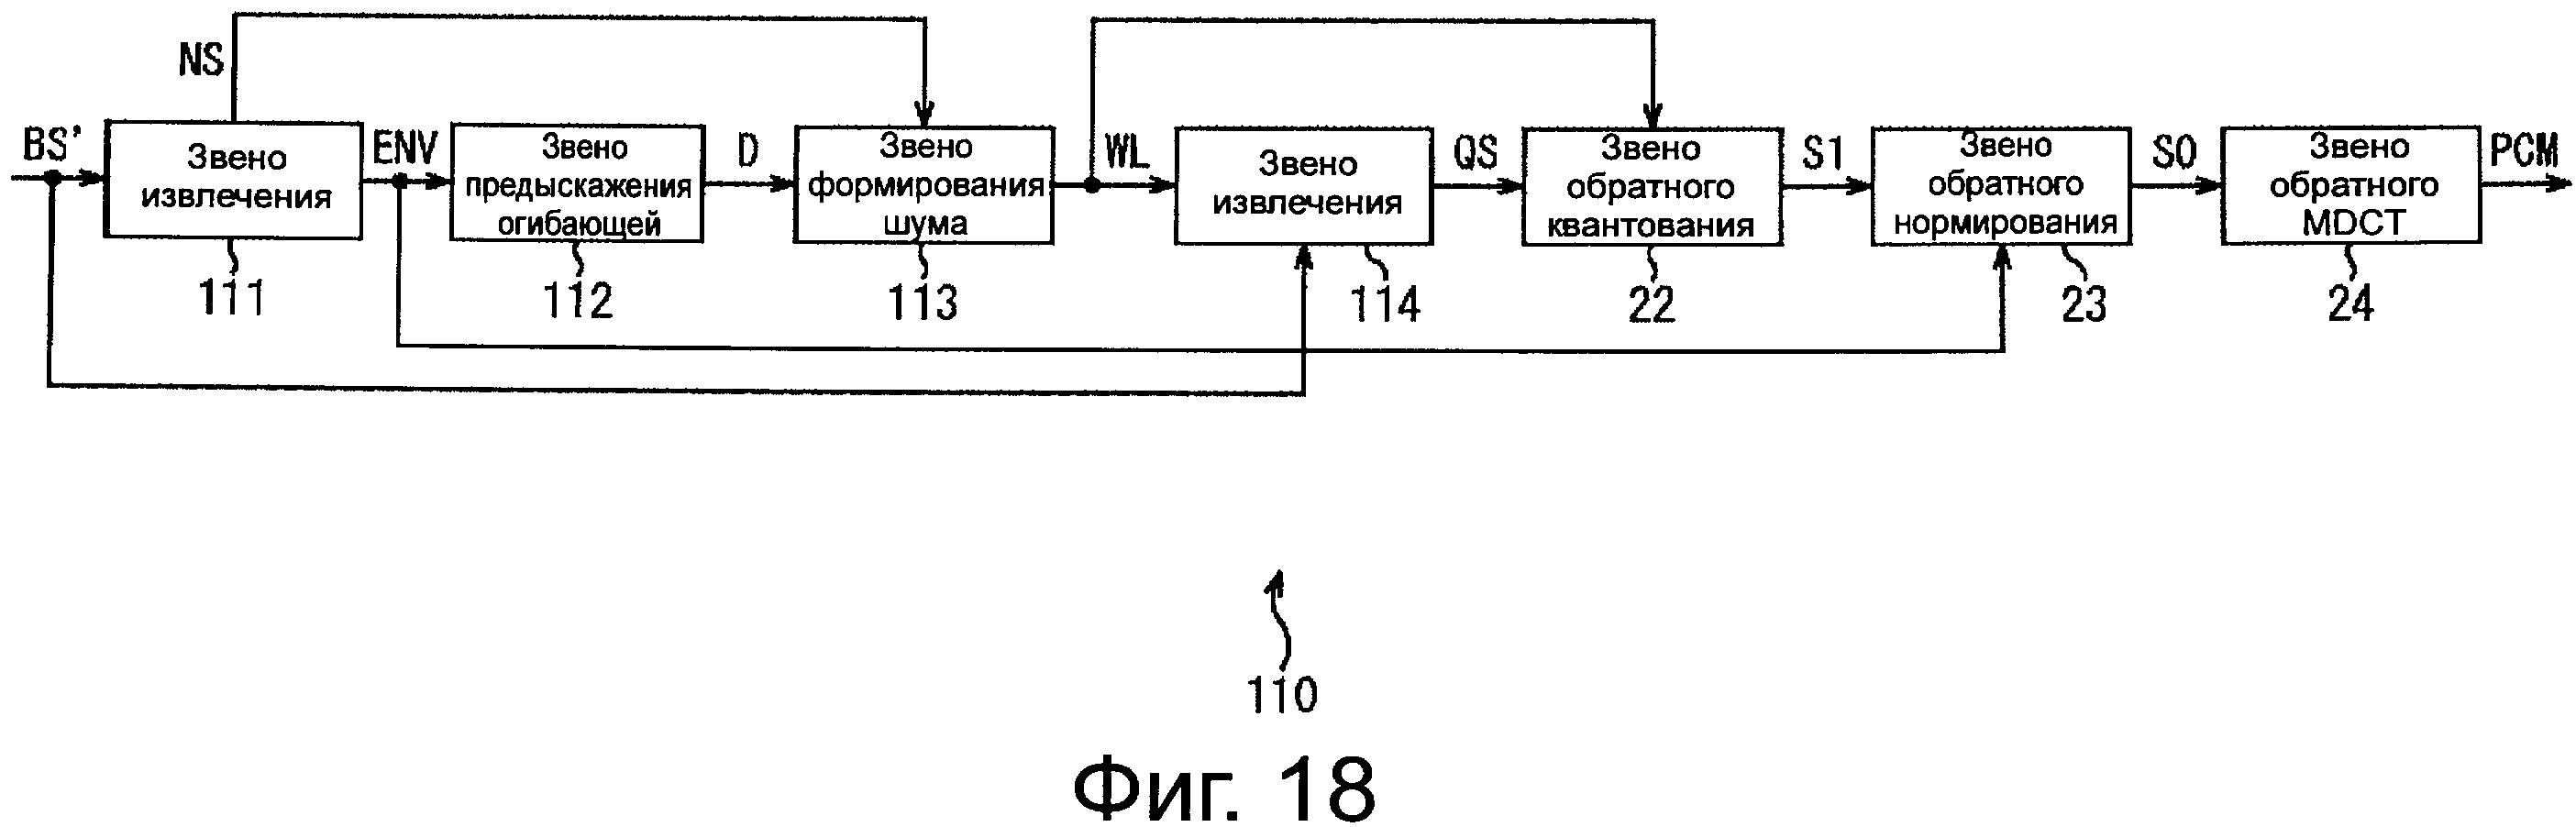 Кодирущее устройство и способ кодирования, декодирующее устройство и способ декодирования, и программа